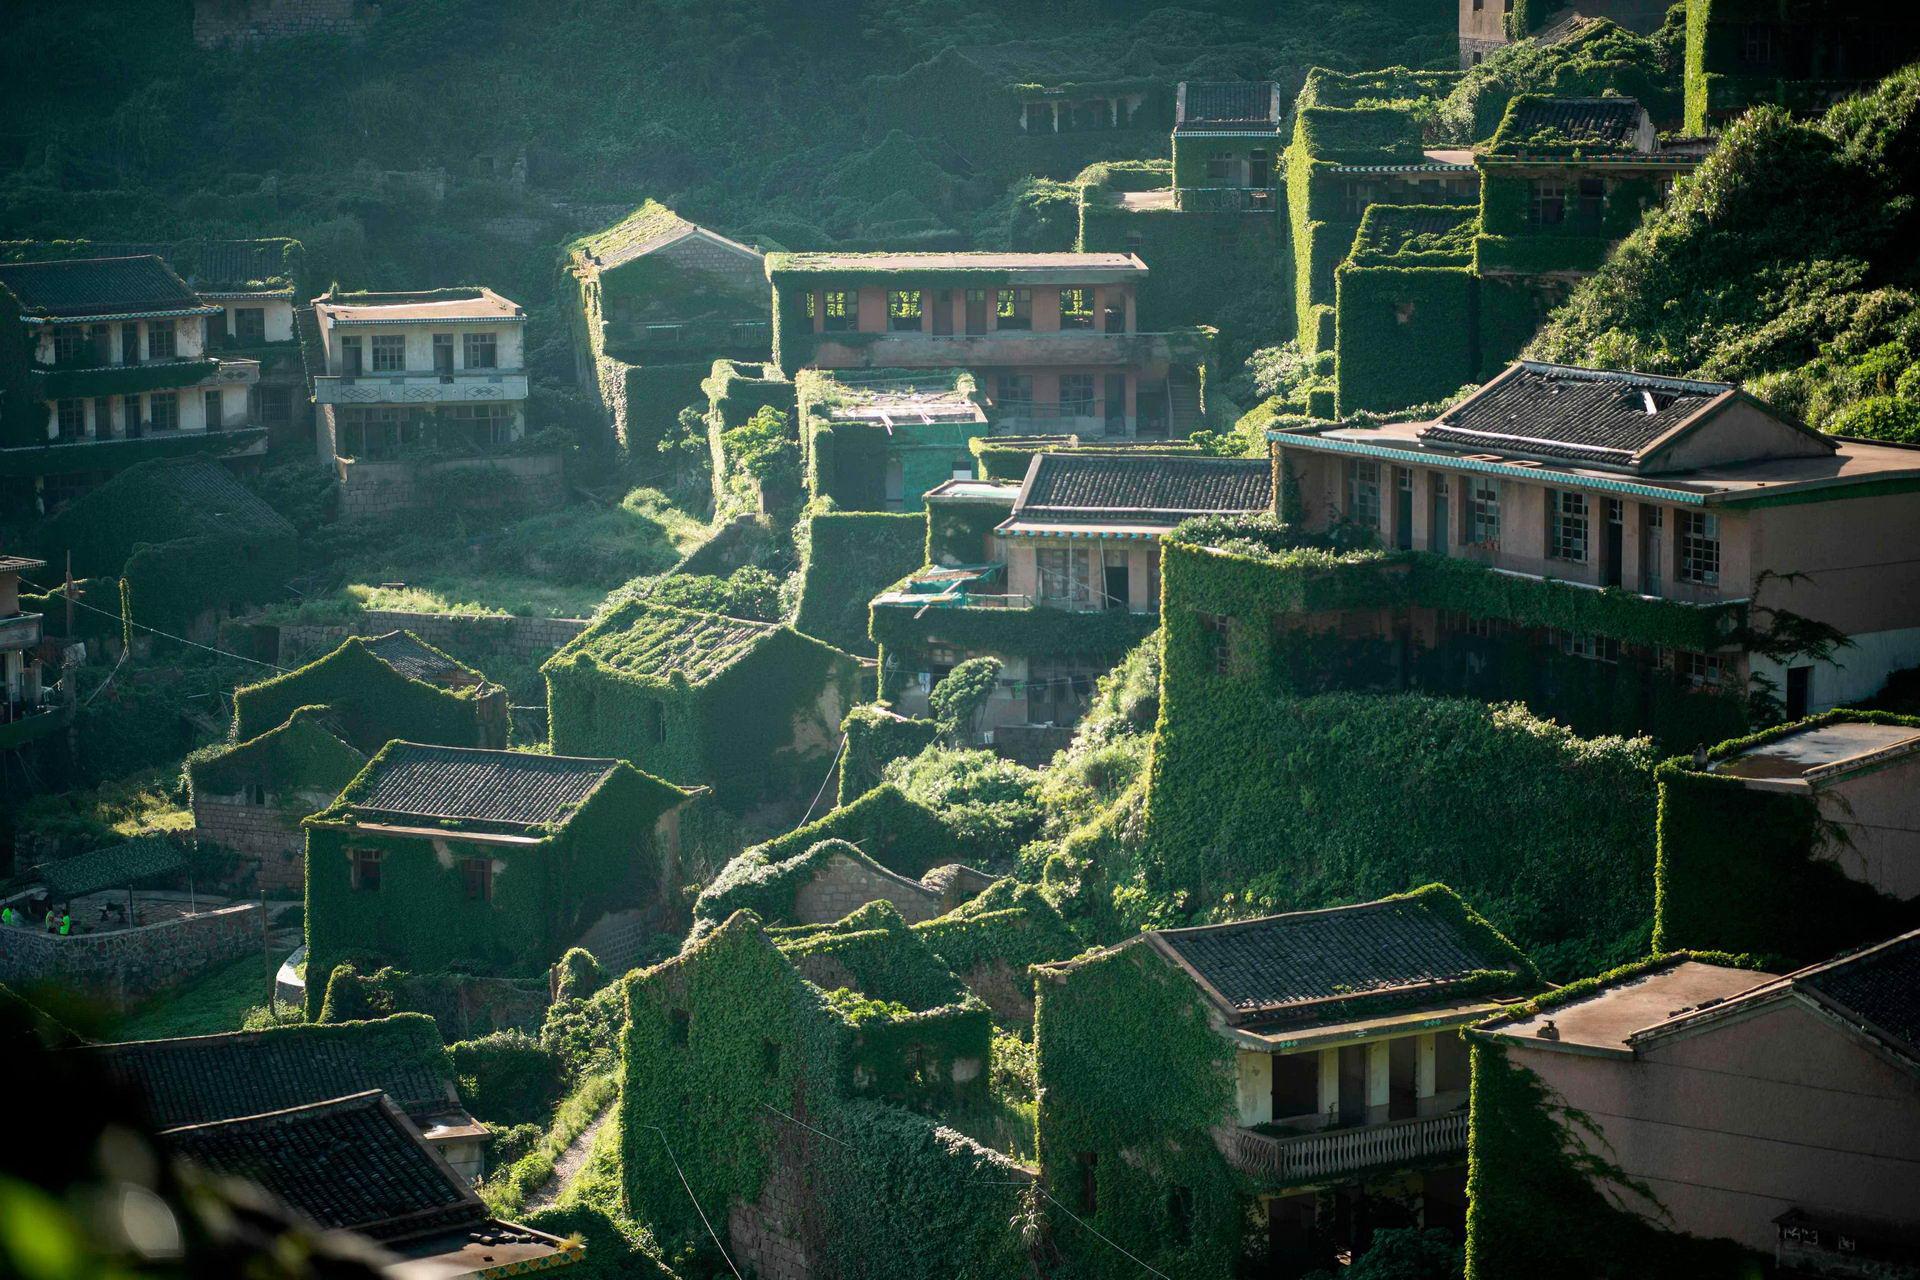 «Призрачная деревня» в Китае: фотографии заброшенного городка